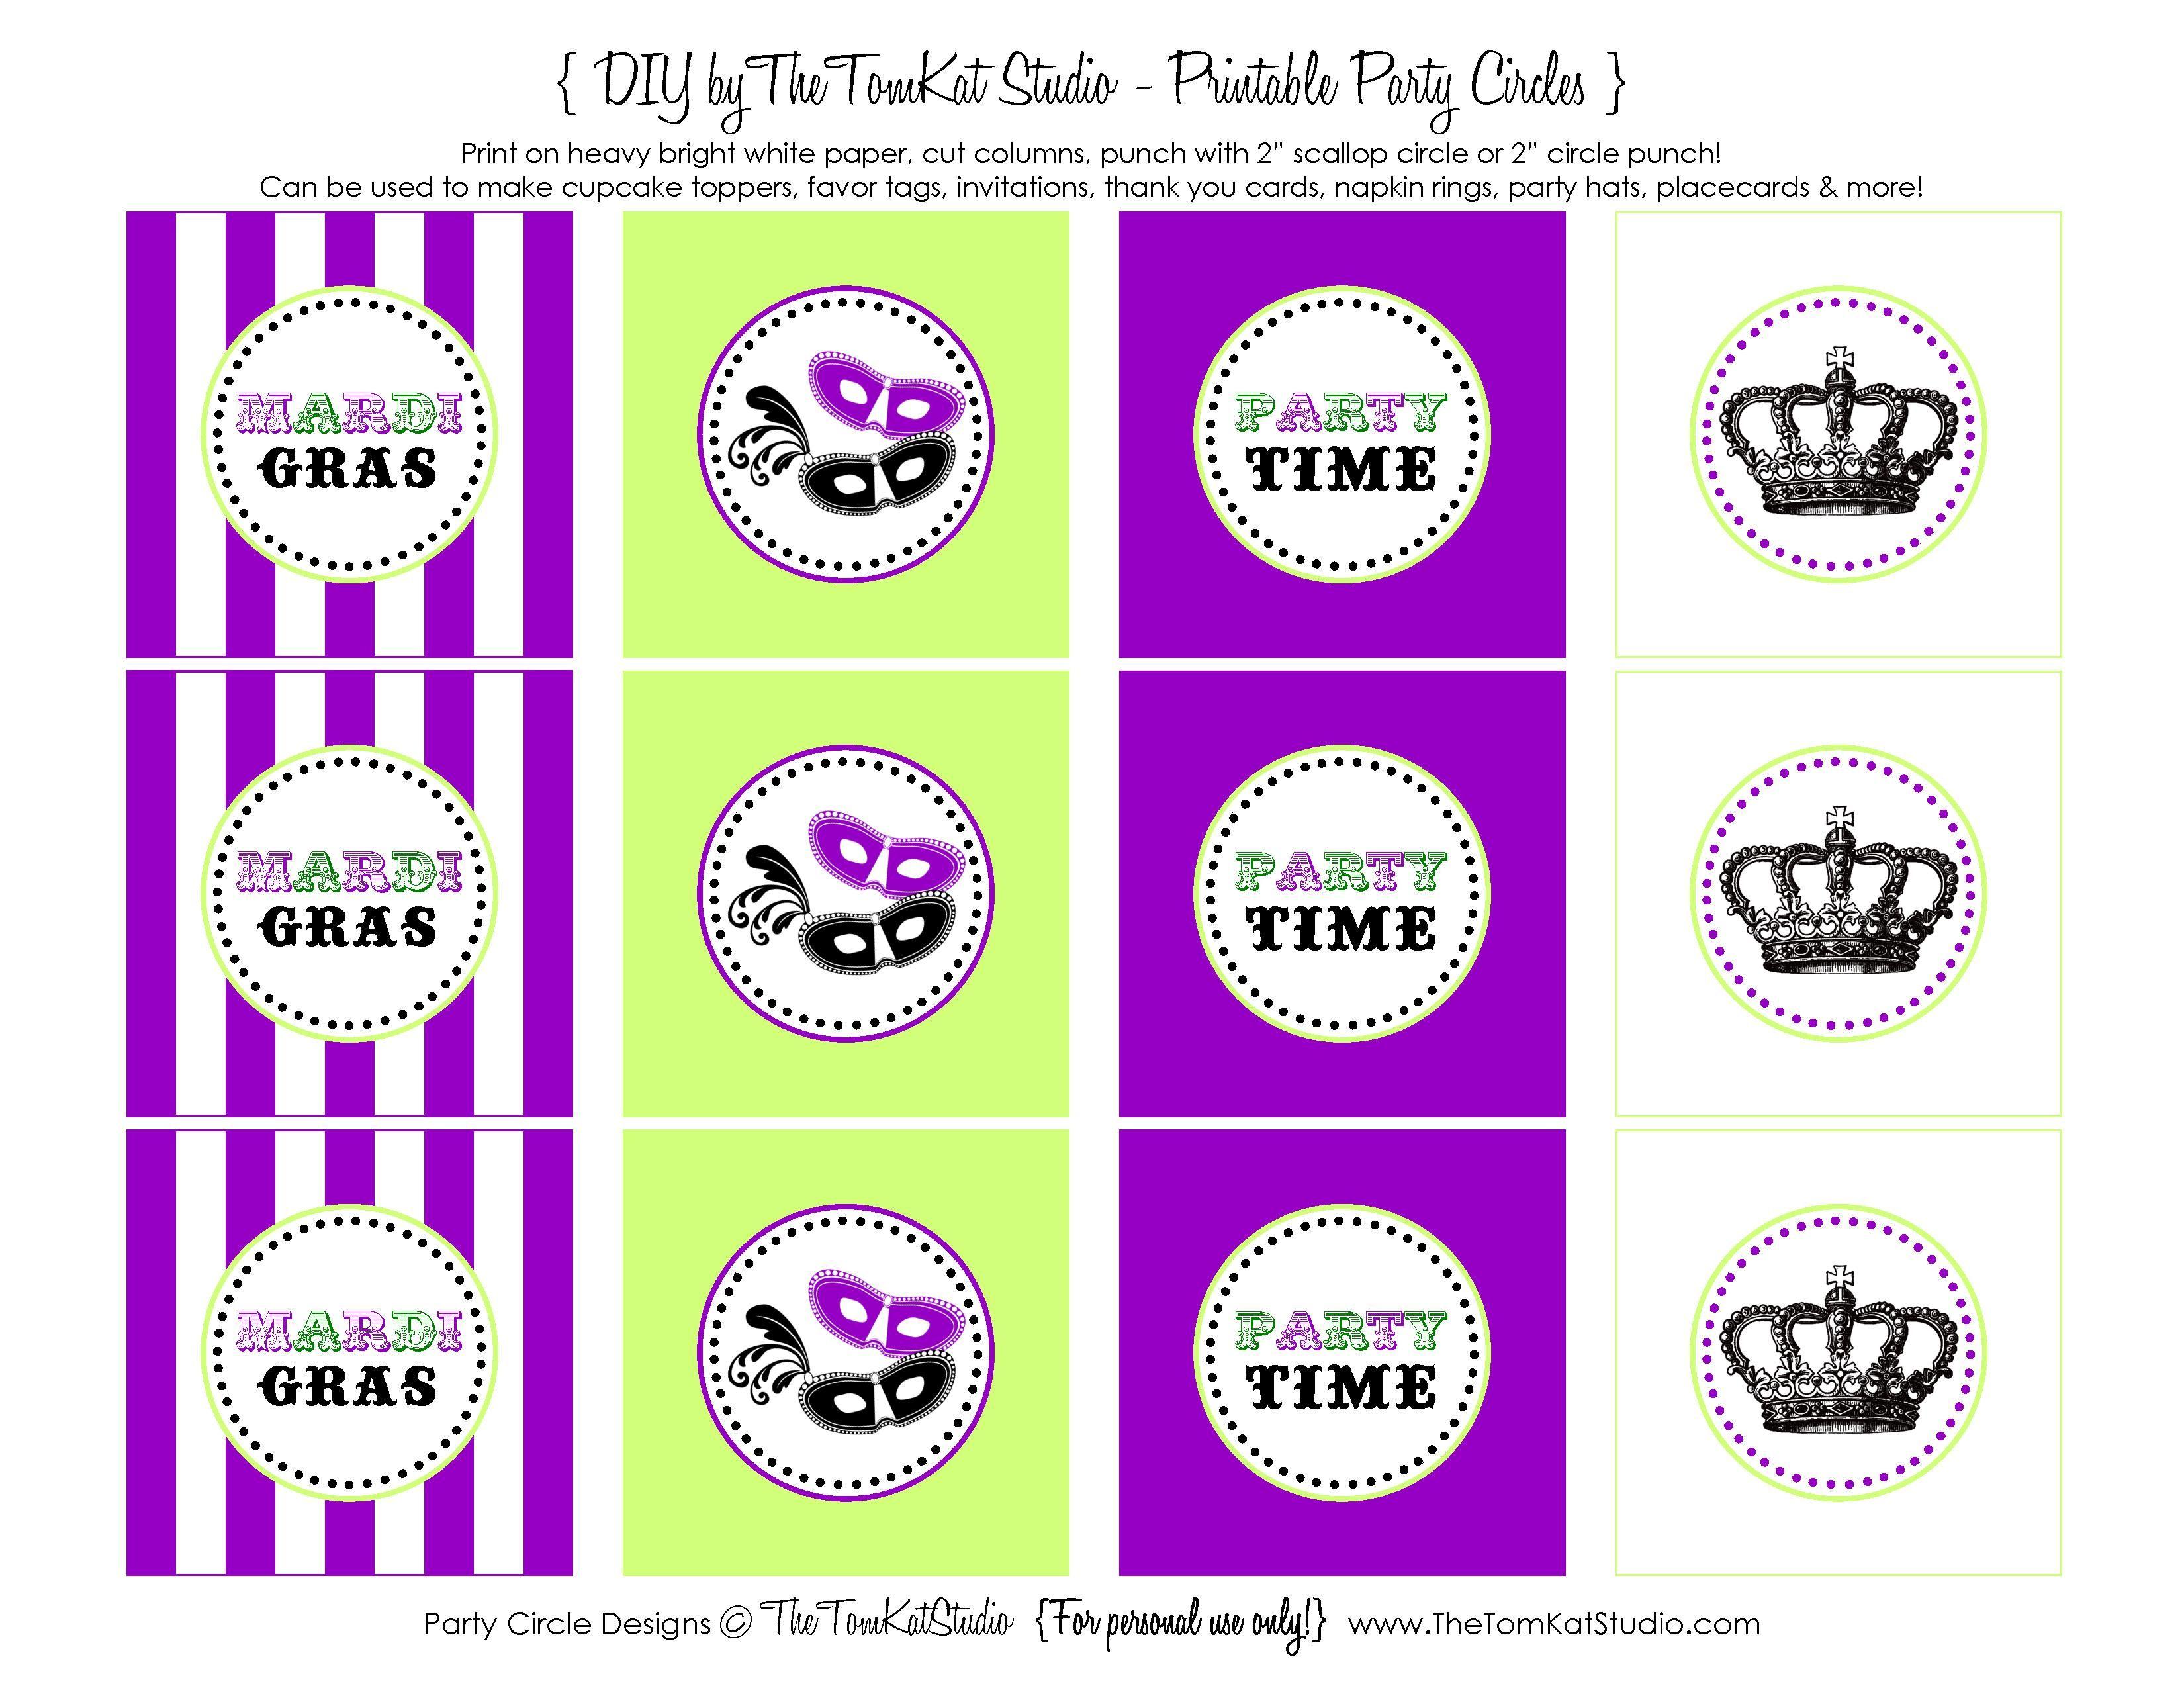 Free Printable} Mardi Gras Party Circles | Mardi Gras Party | Mardi - Free Printable Party Circles